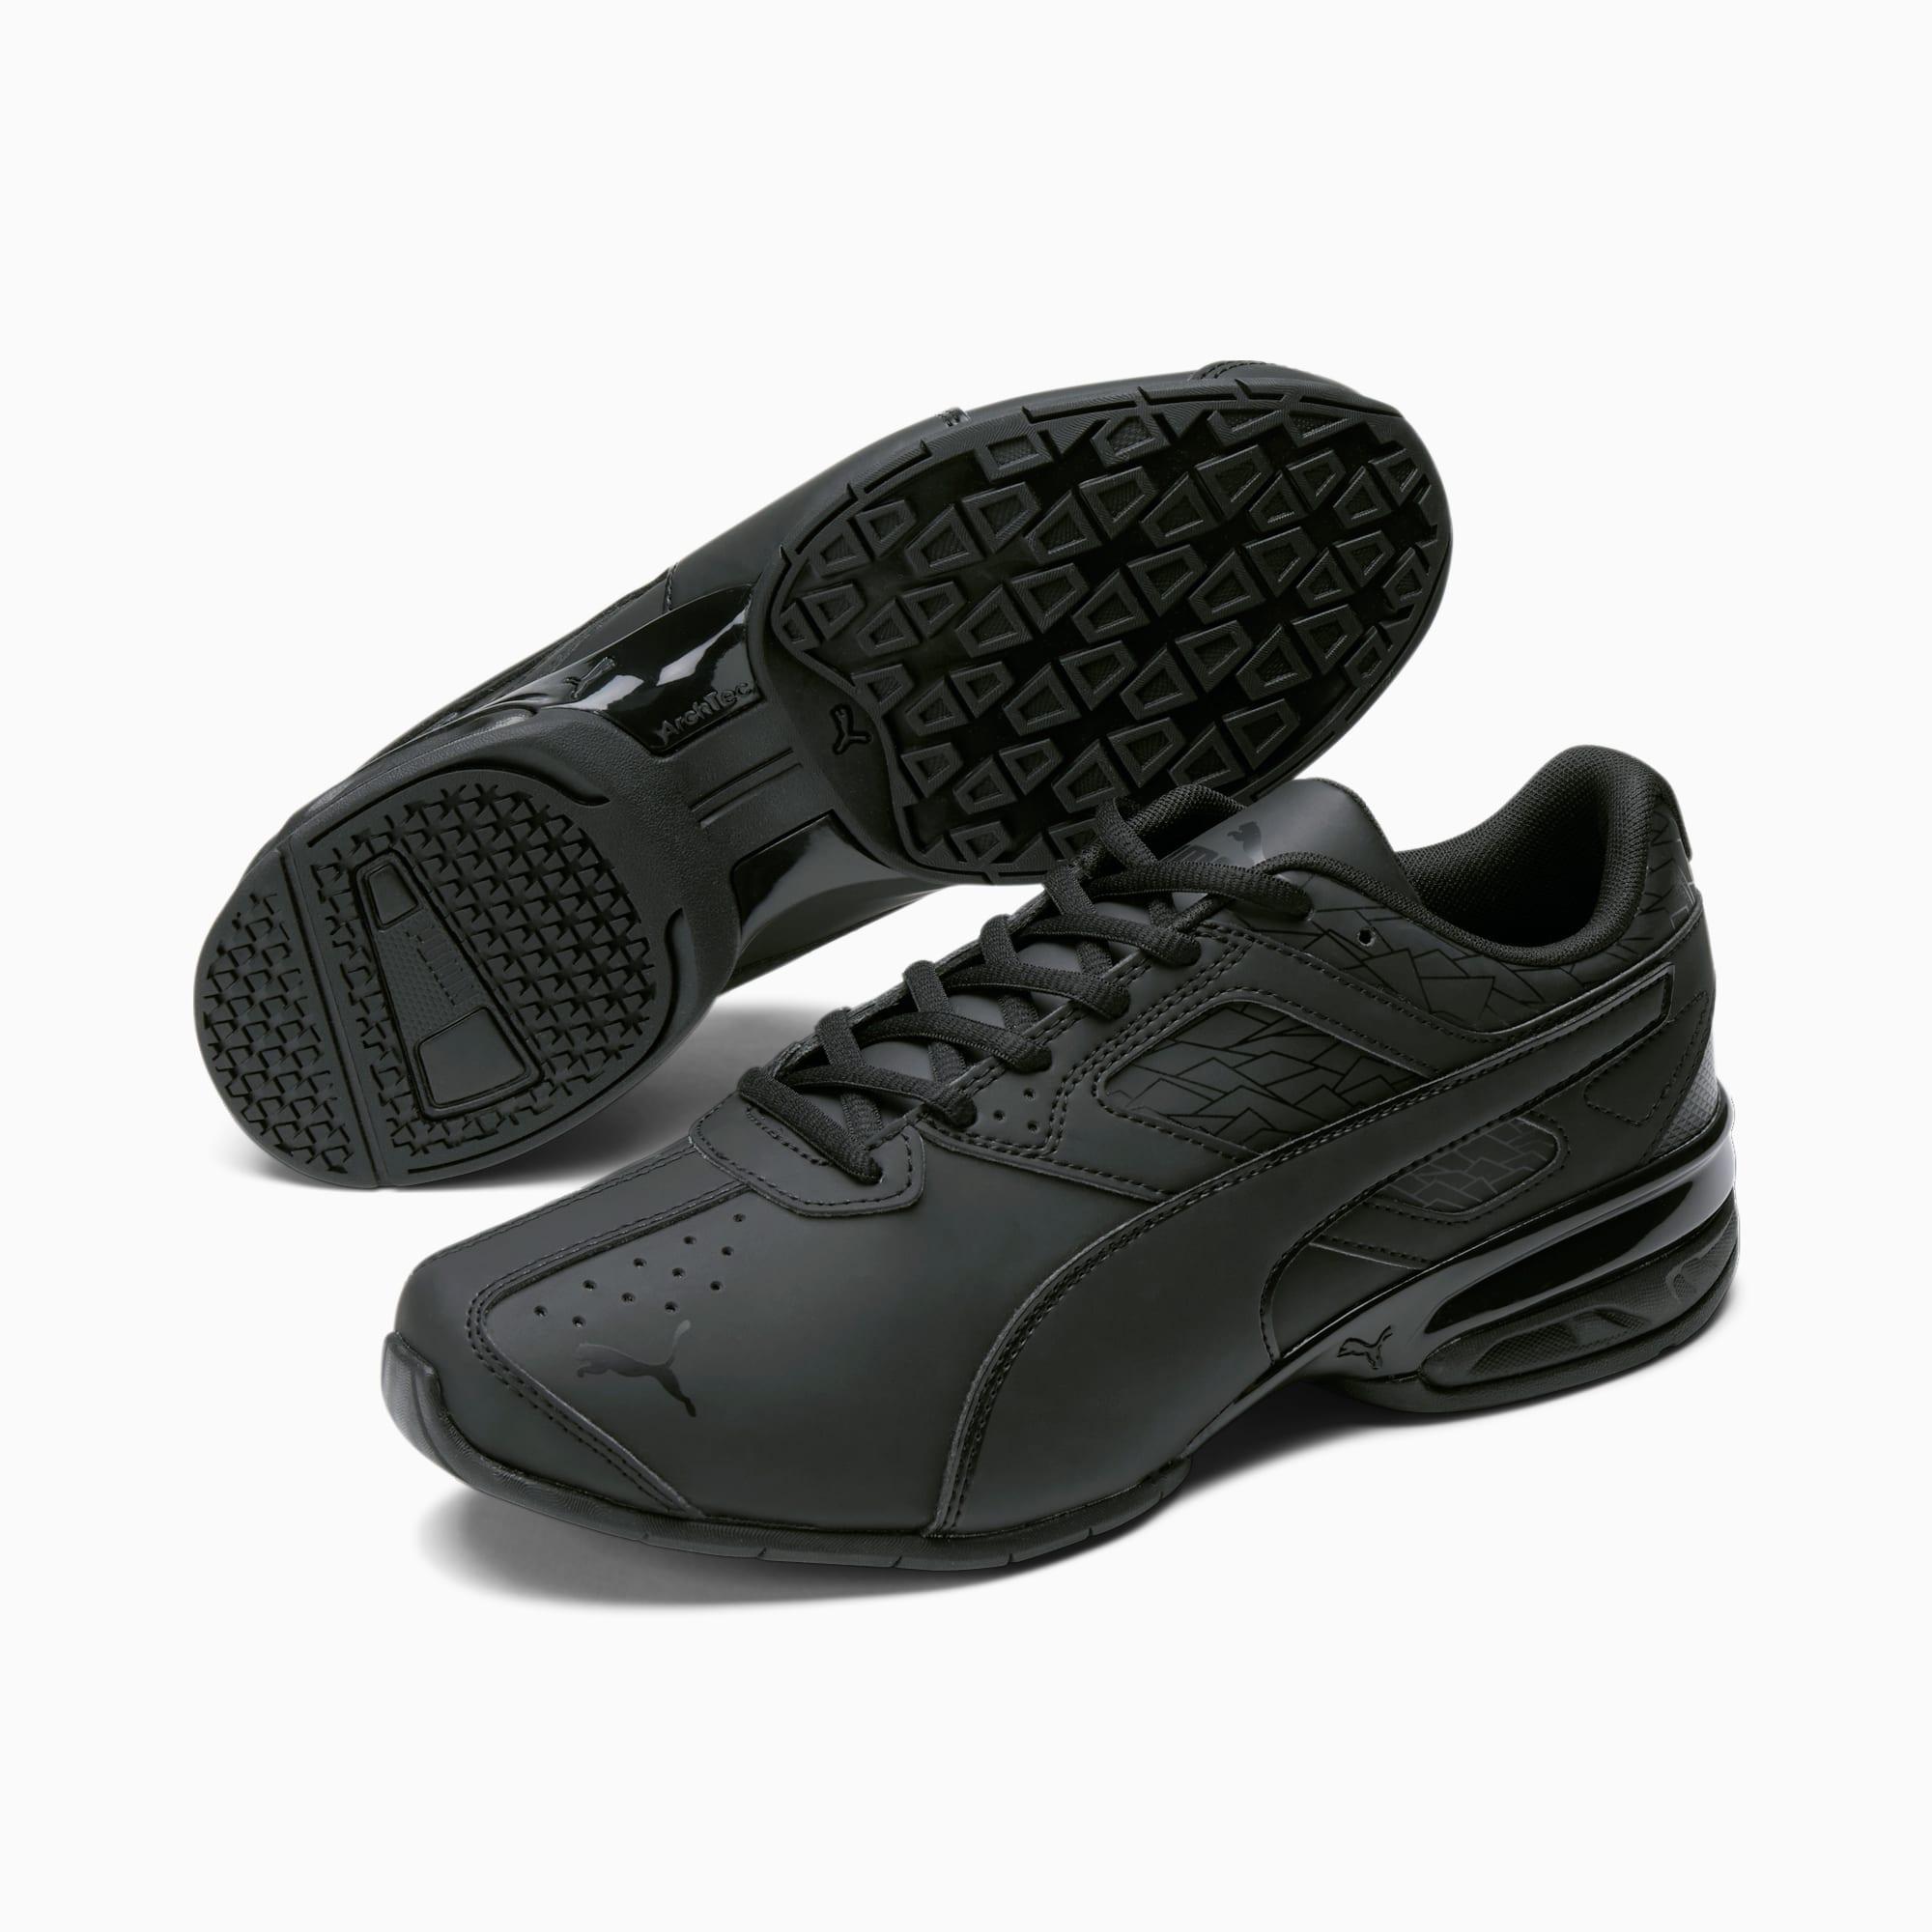 Tazon 6 Fracture FM Men's Sneakers